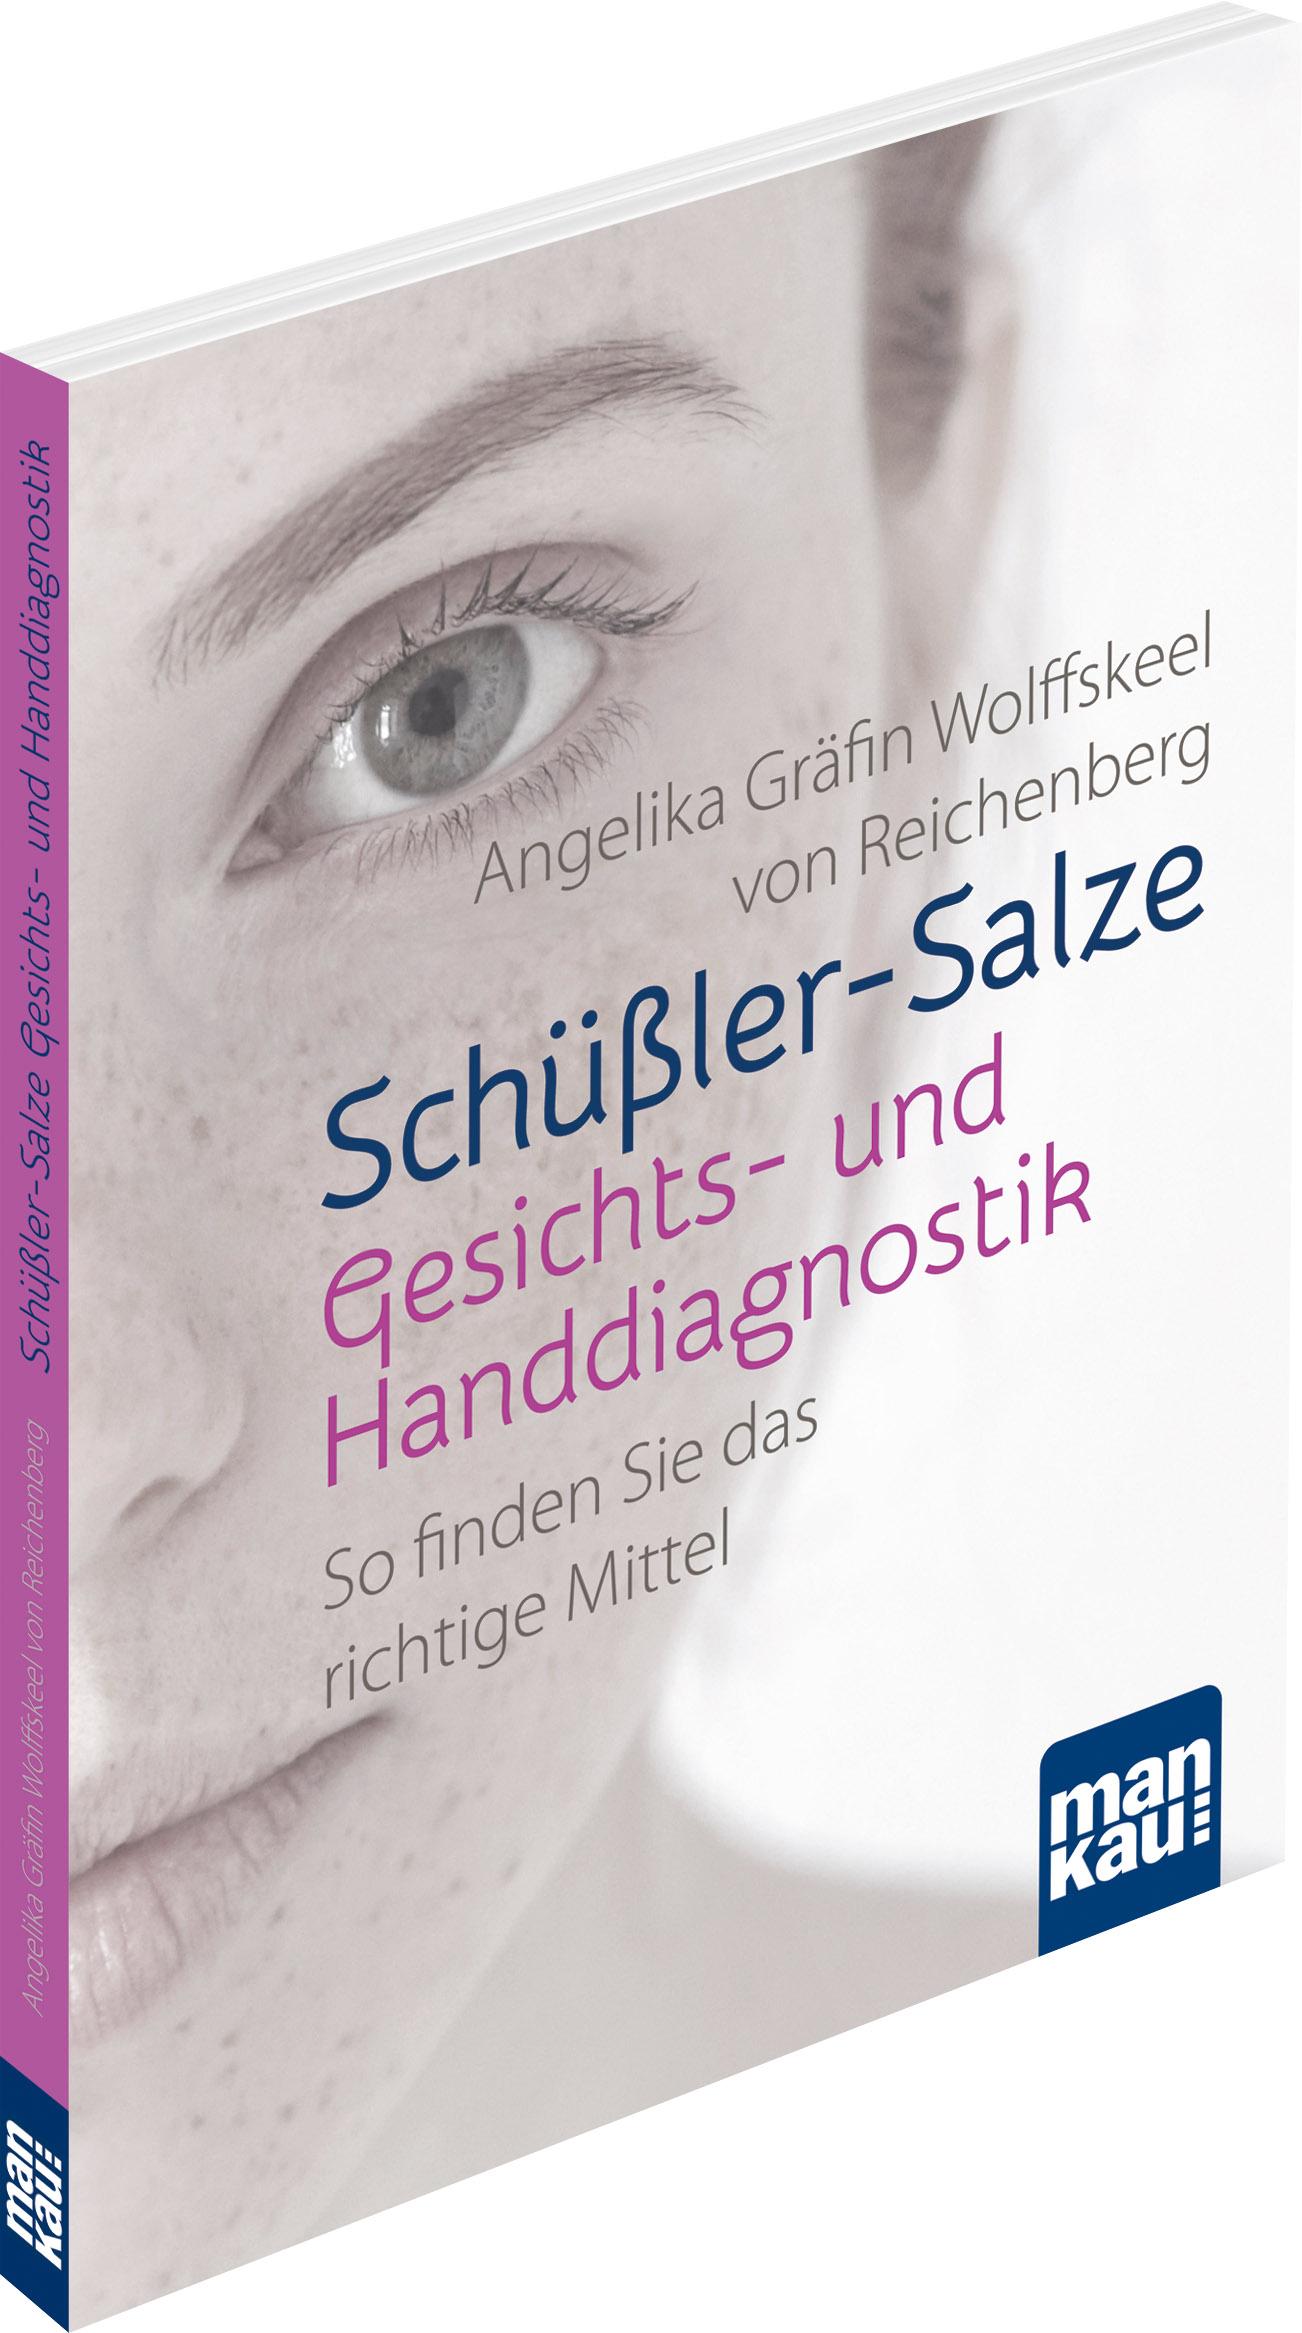 Schüßler Salze Gesichts Und Handdiagnostik Von Angelika Gräfin